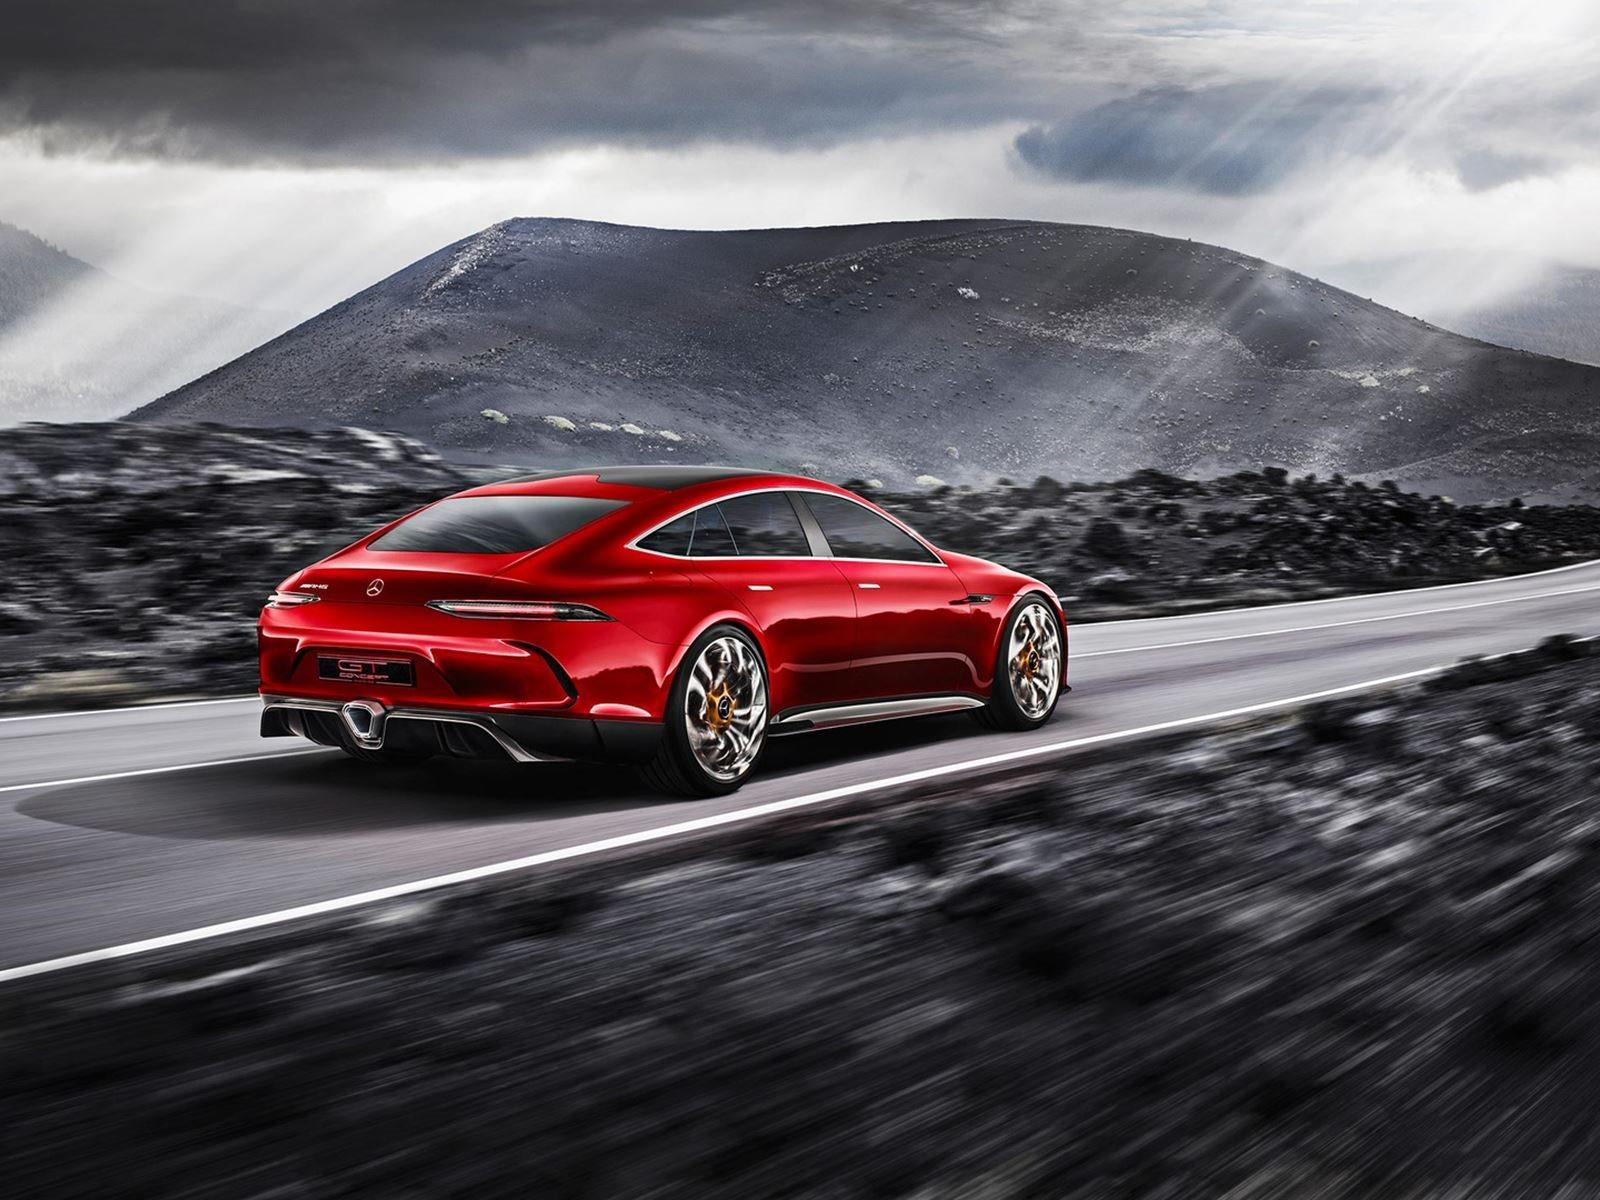 Гибридная установка была впервые показана в потрясающем Mercedes-AMG GT Concept на Женевском автосалоне 2017.